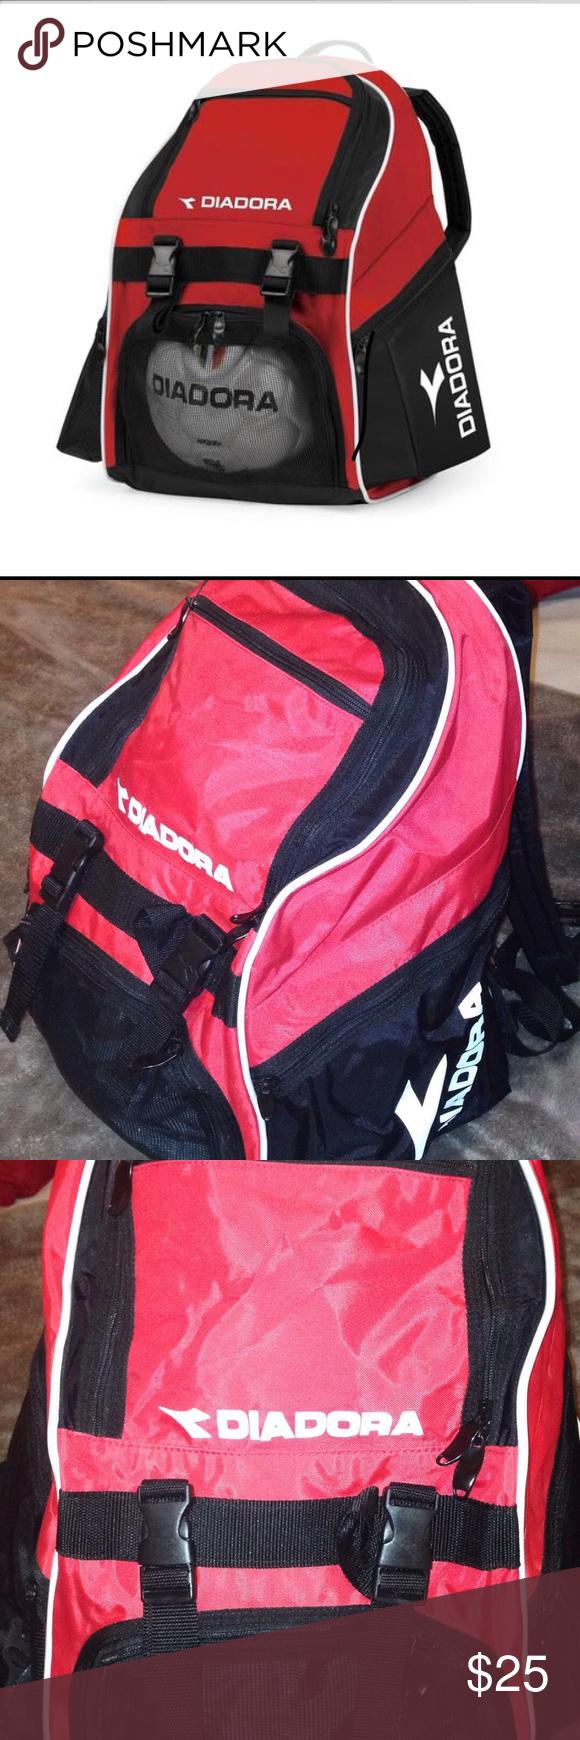 5b9161ad9f7 Diadora Sports Bag | The Shred Centre